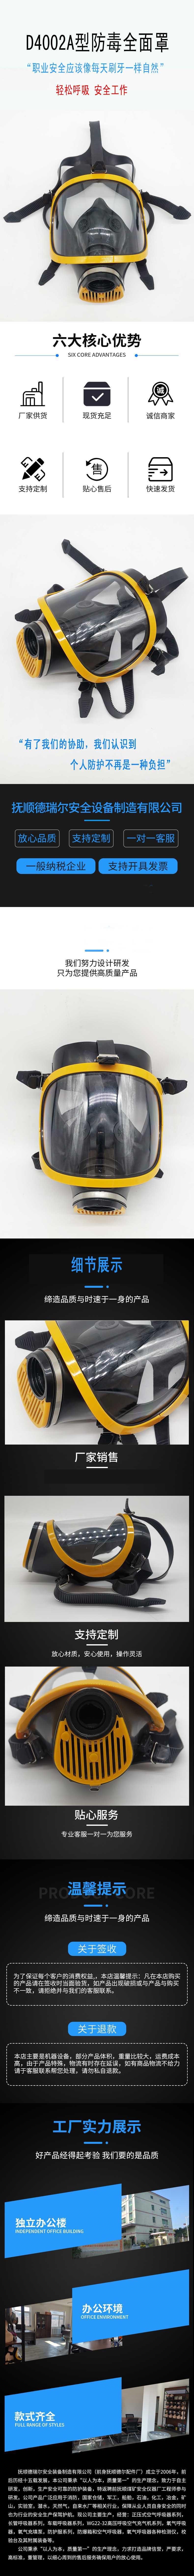 4002型防毒面具